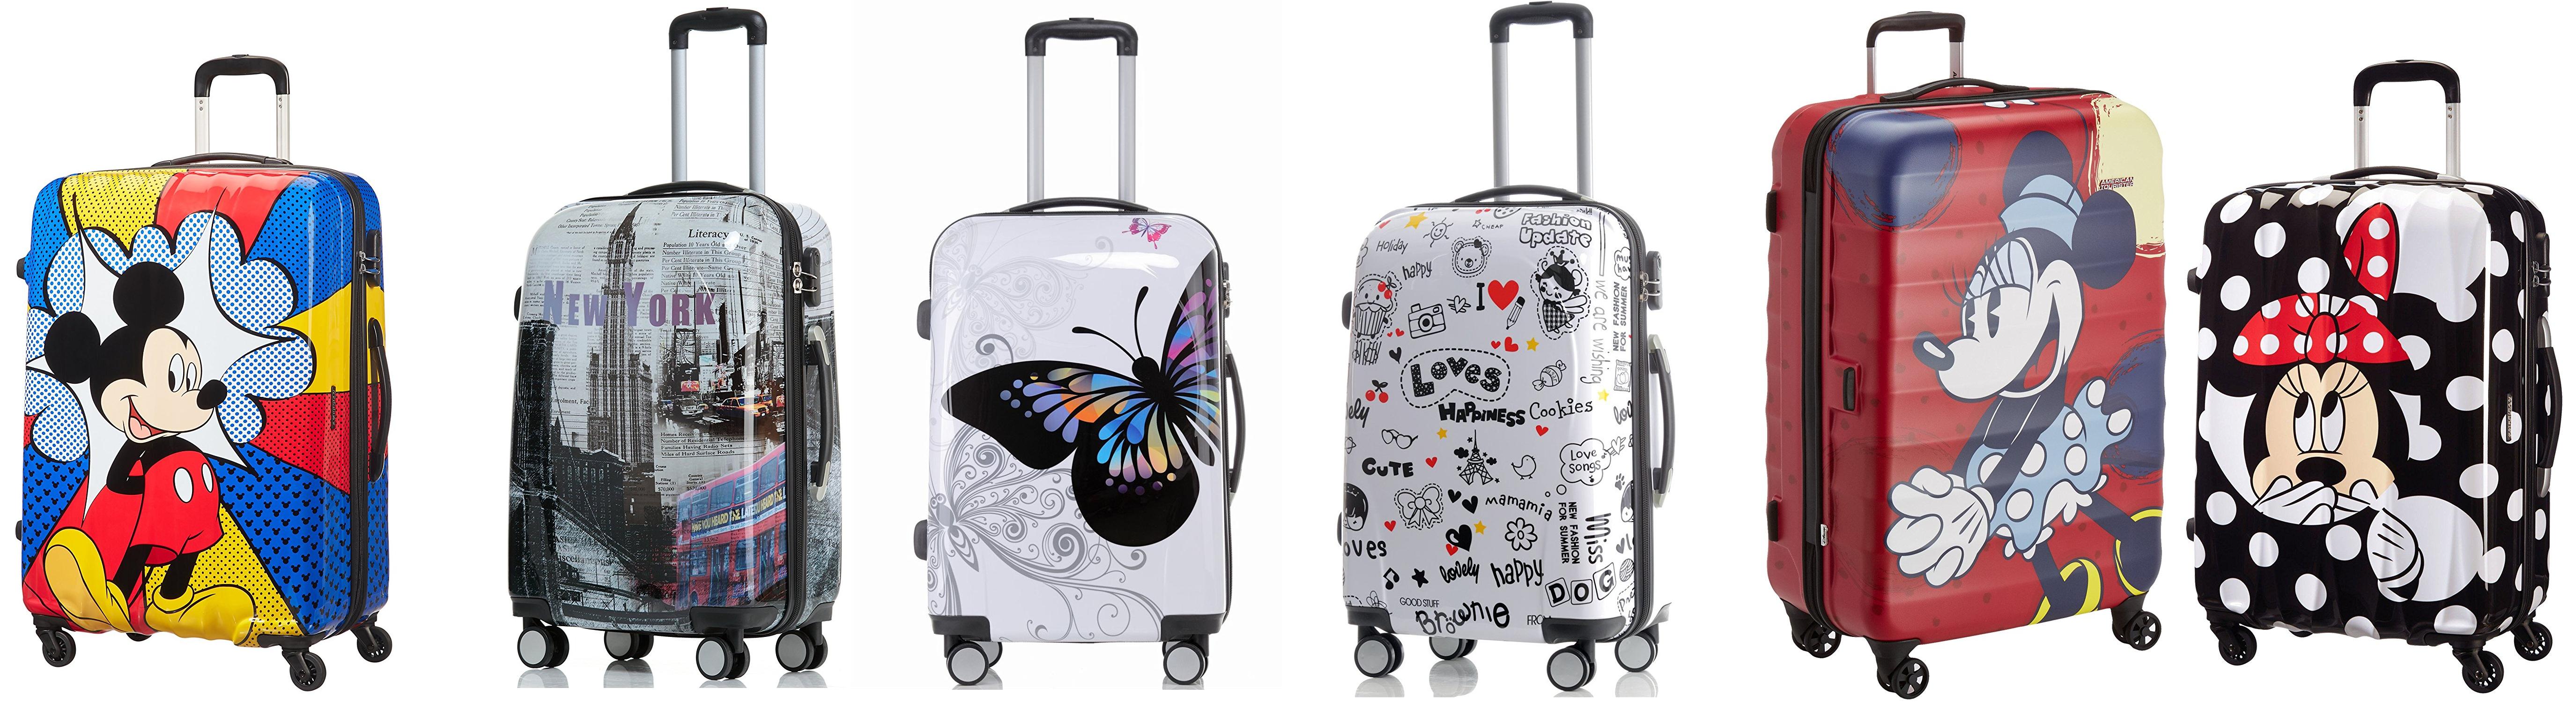 Sechs Koffer mit verschiedenen Motiven